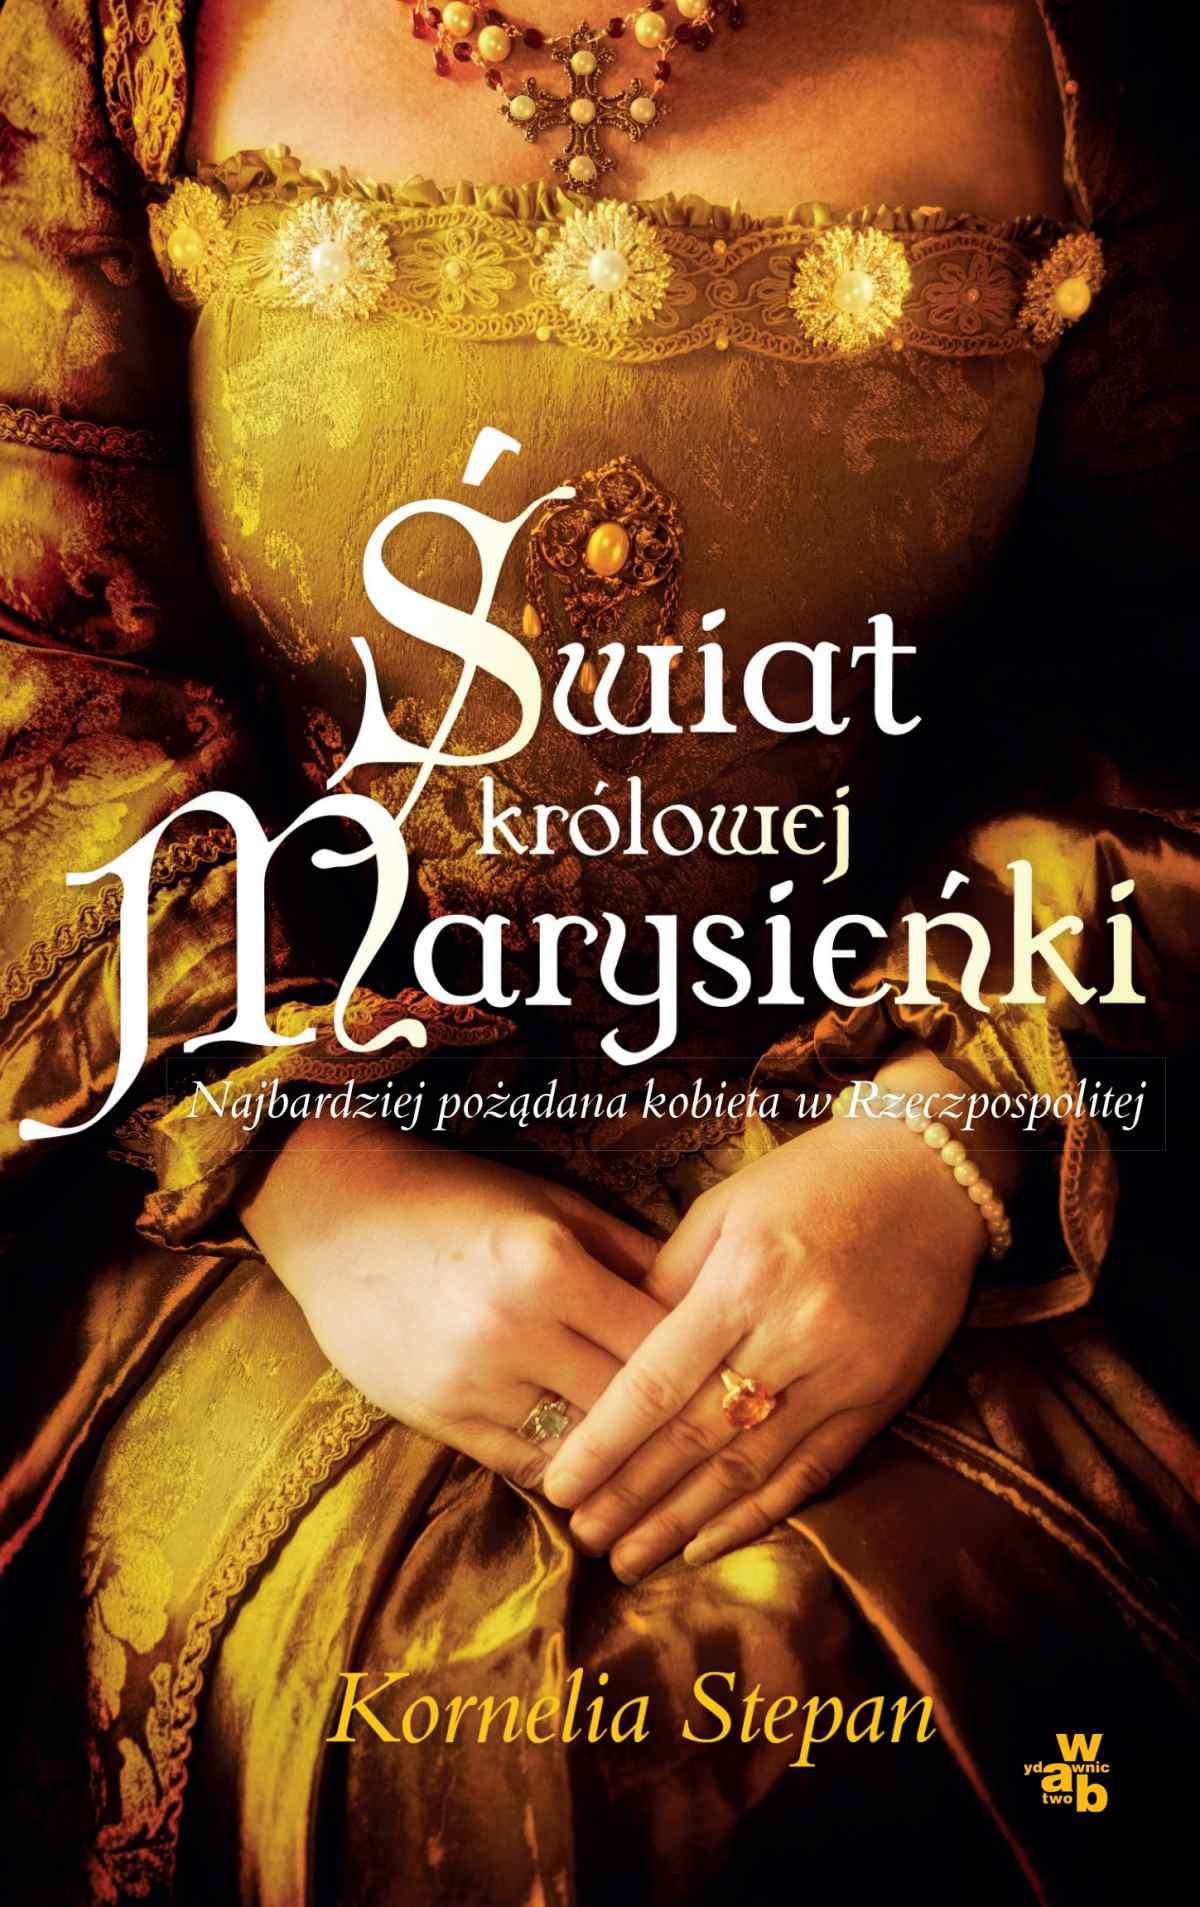 Świat królowej Marysieńki - Ebook (Książka EPUB) do pobrania w formacie EPUB